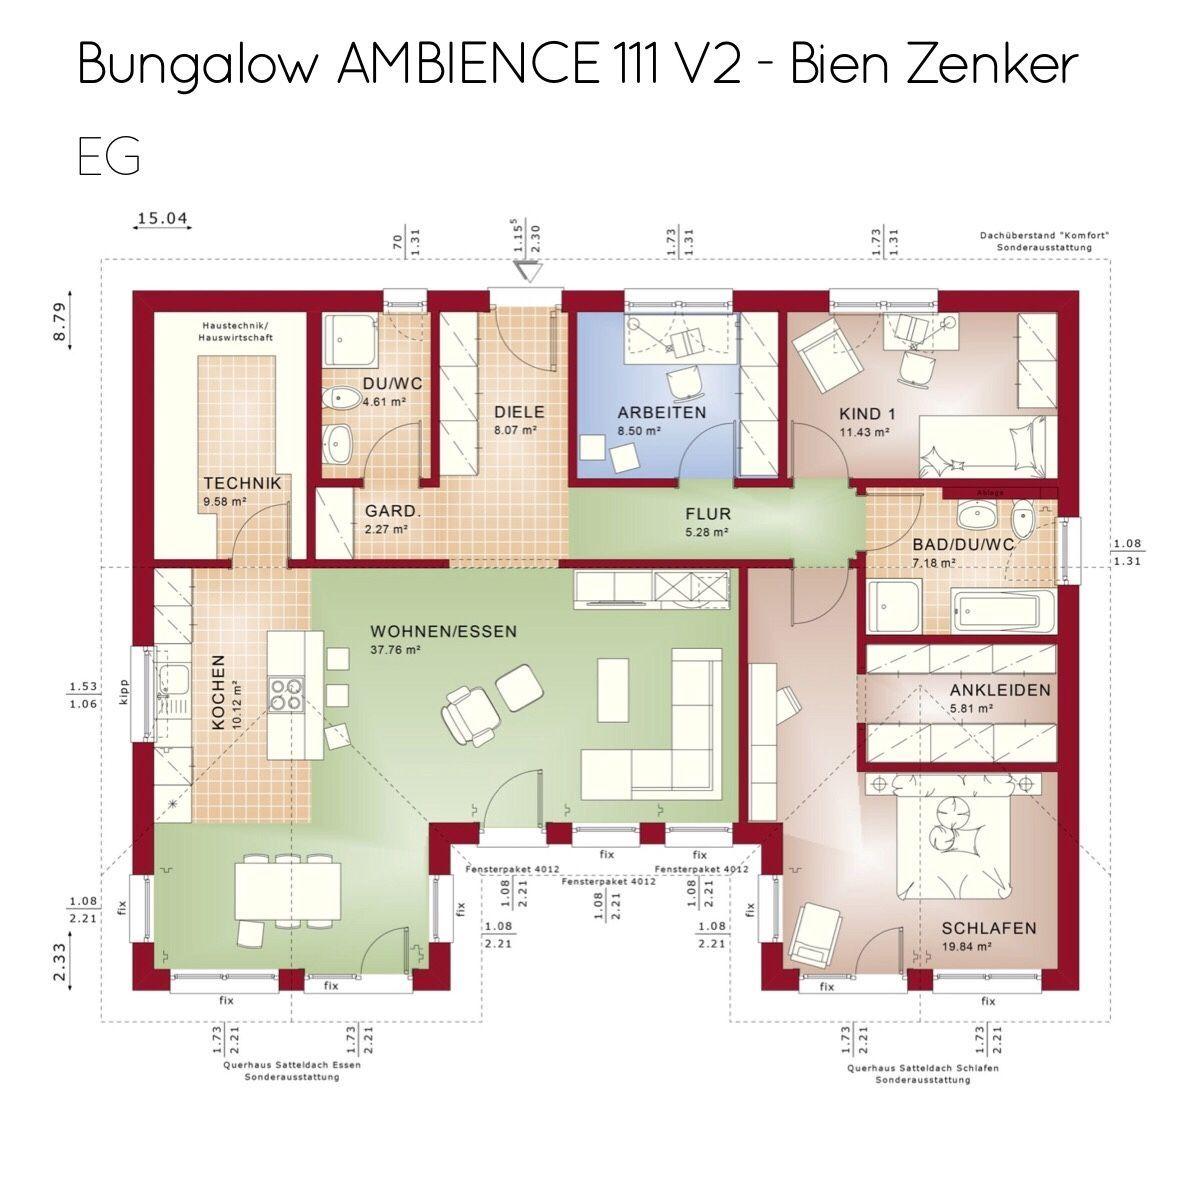 Bungalow Grundriss ebenerdig mit Flachdach Architektur 4